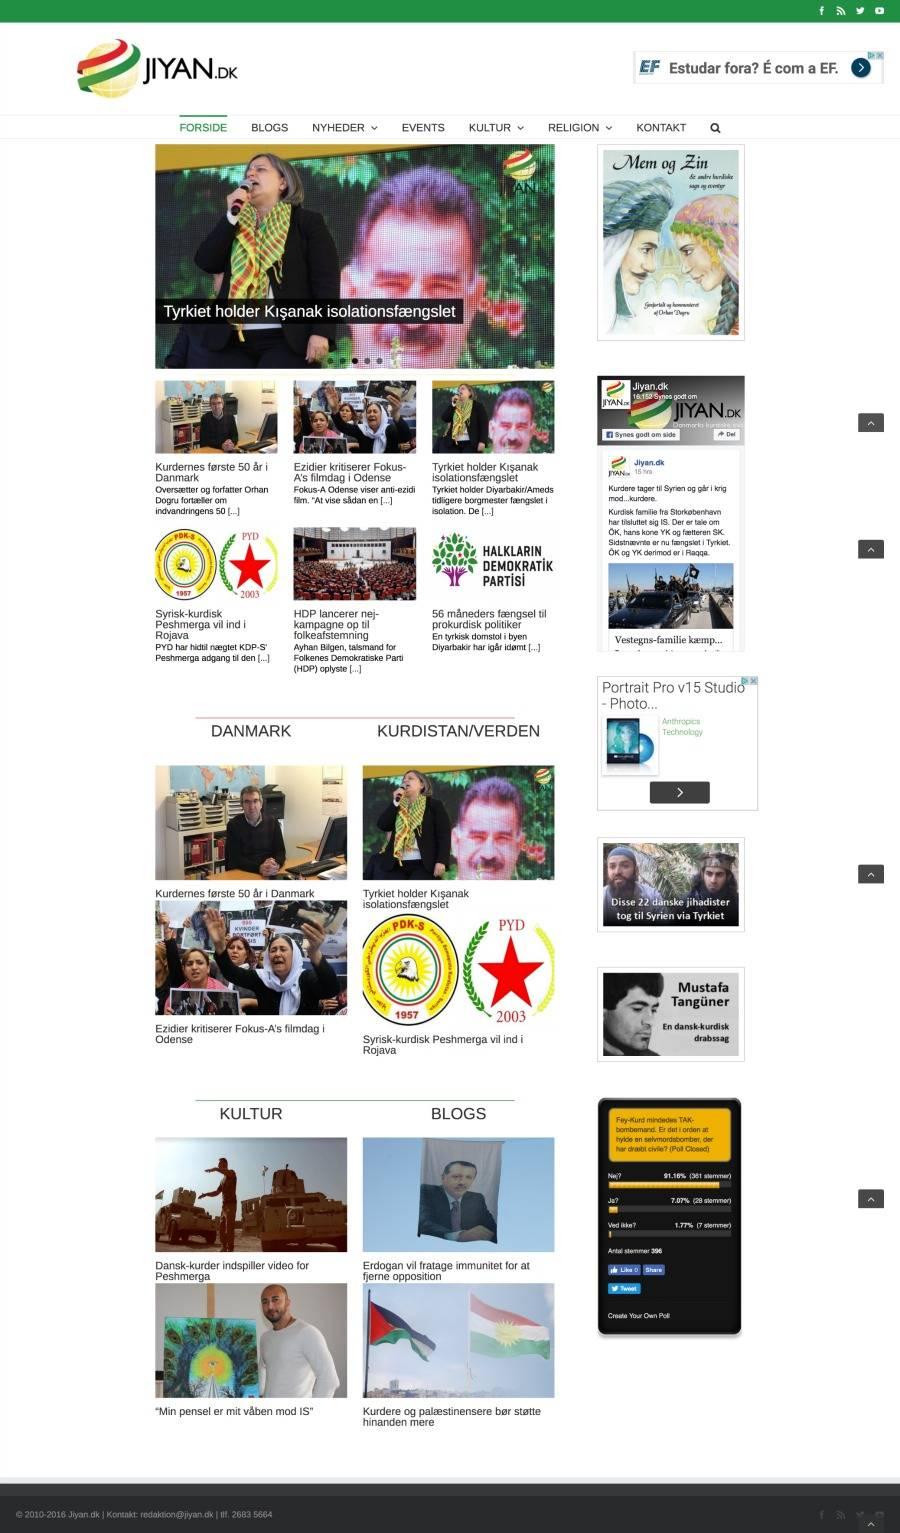 jiyan.dk, produced by webmom.eu